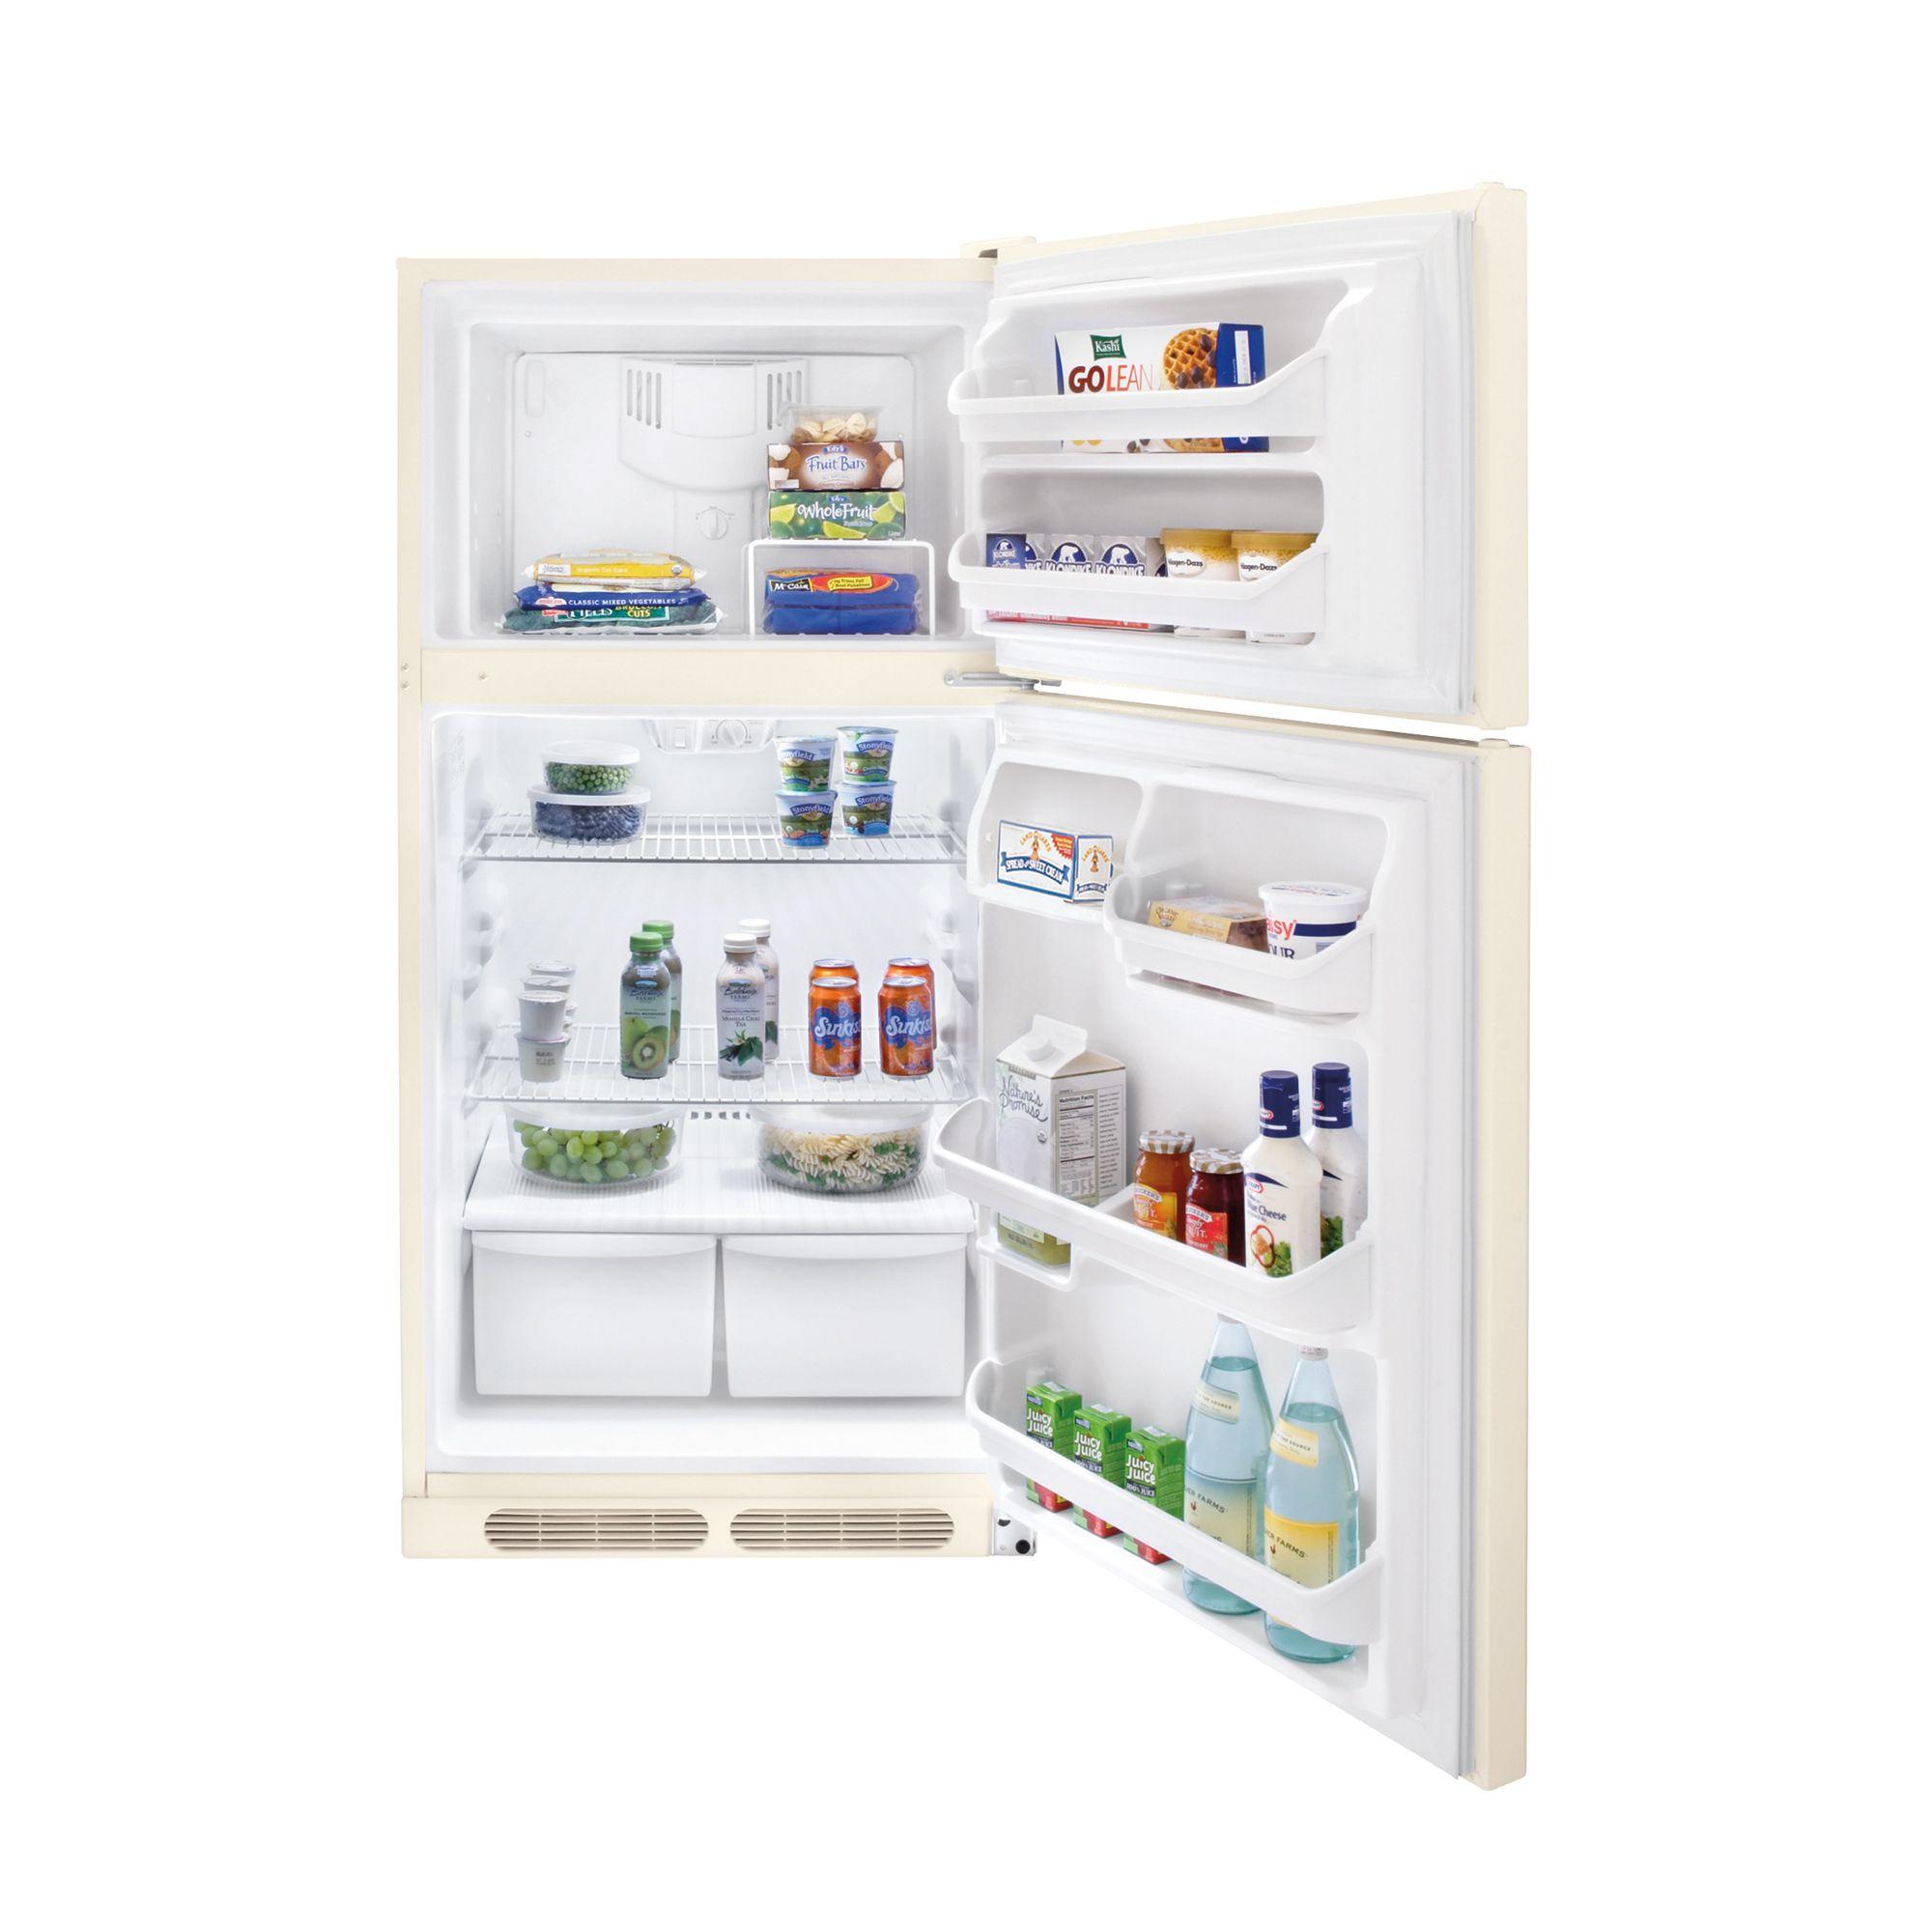 Frigidaire 14.8 cu. ft. Top-Freezer Refrigerator - Bisque